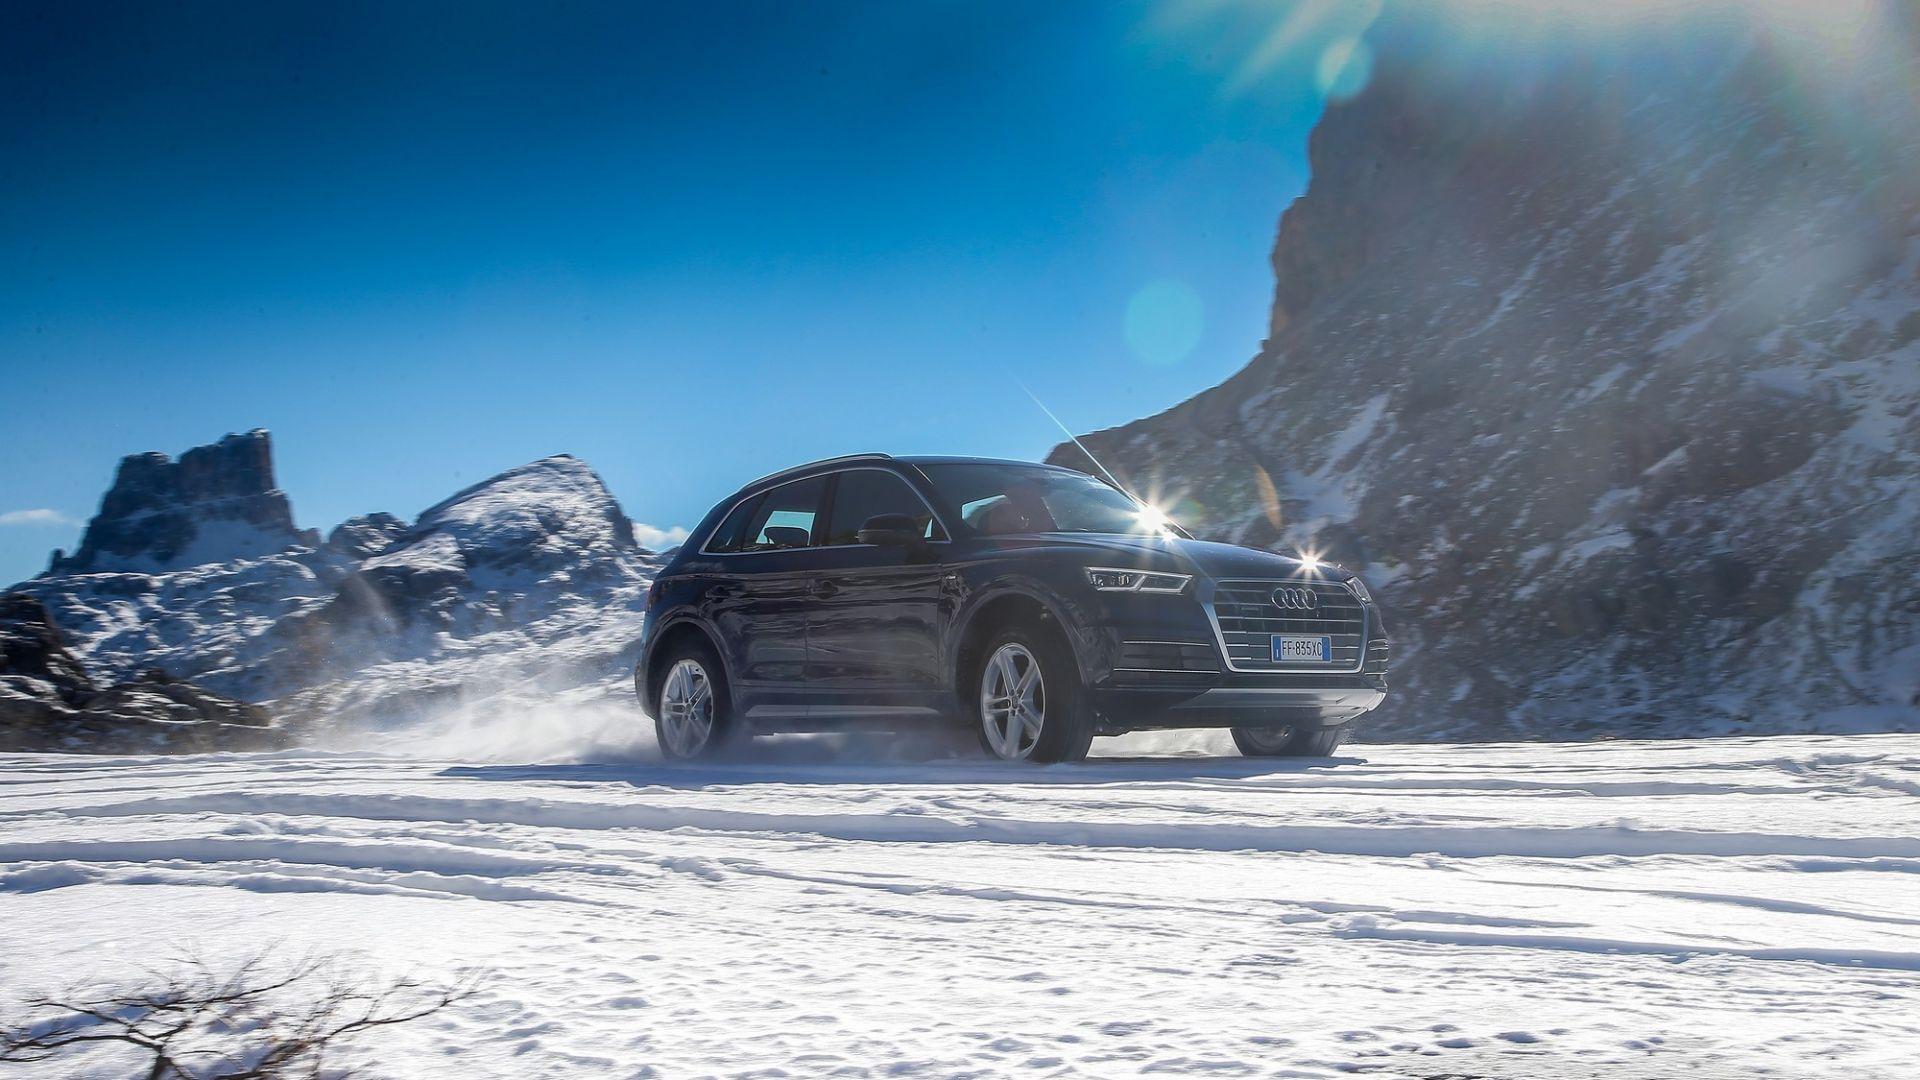 Prova Video Audi Q5 2017 Prova Allestimenti Prezzi Video Motorbox